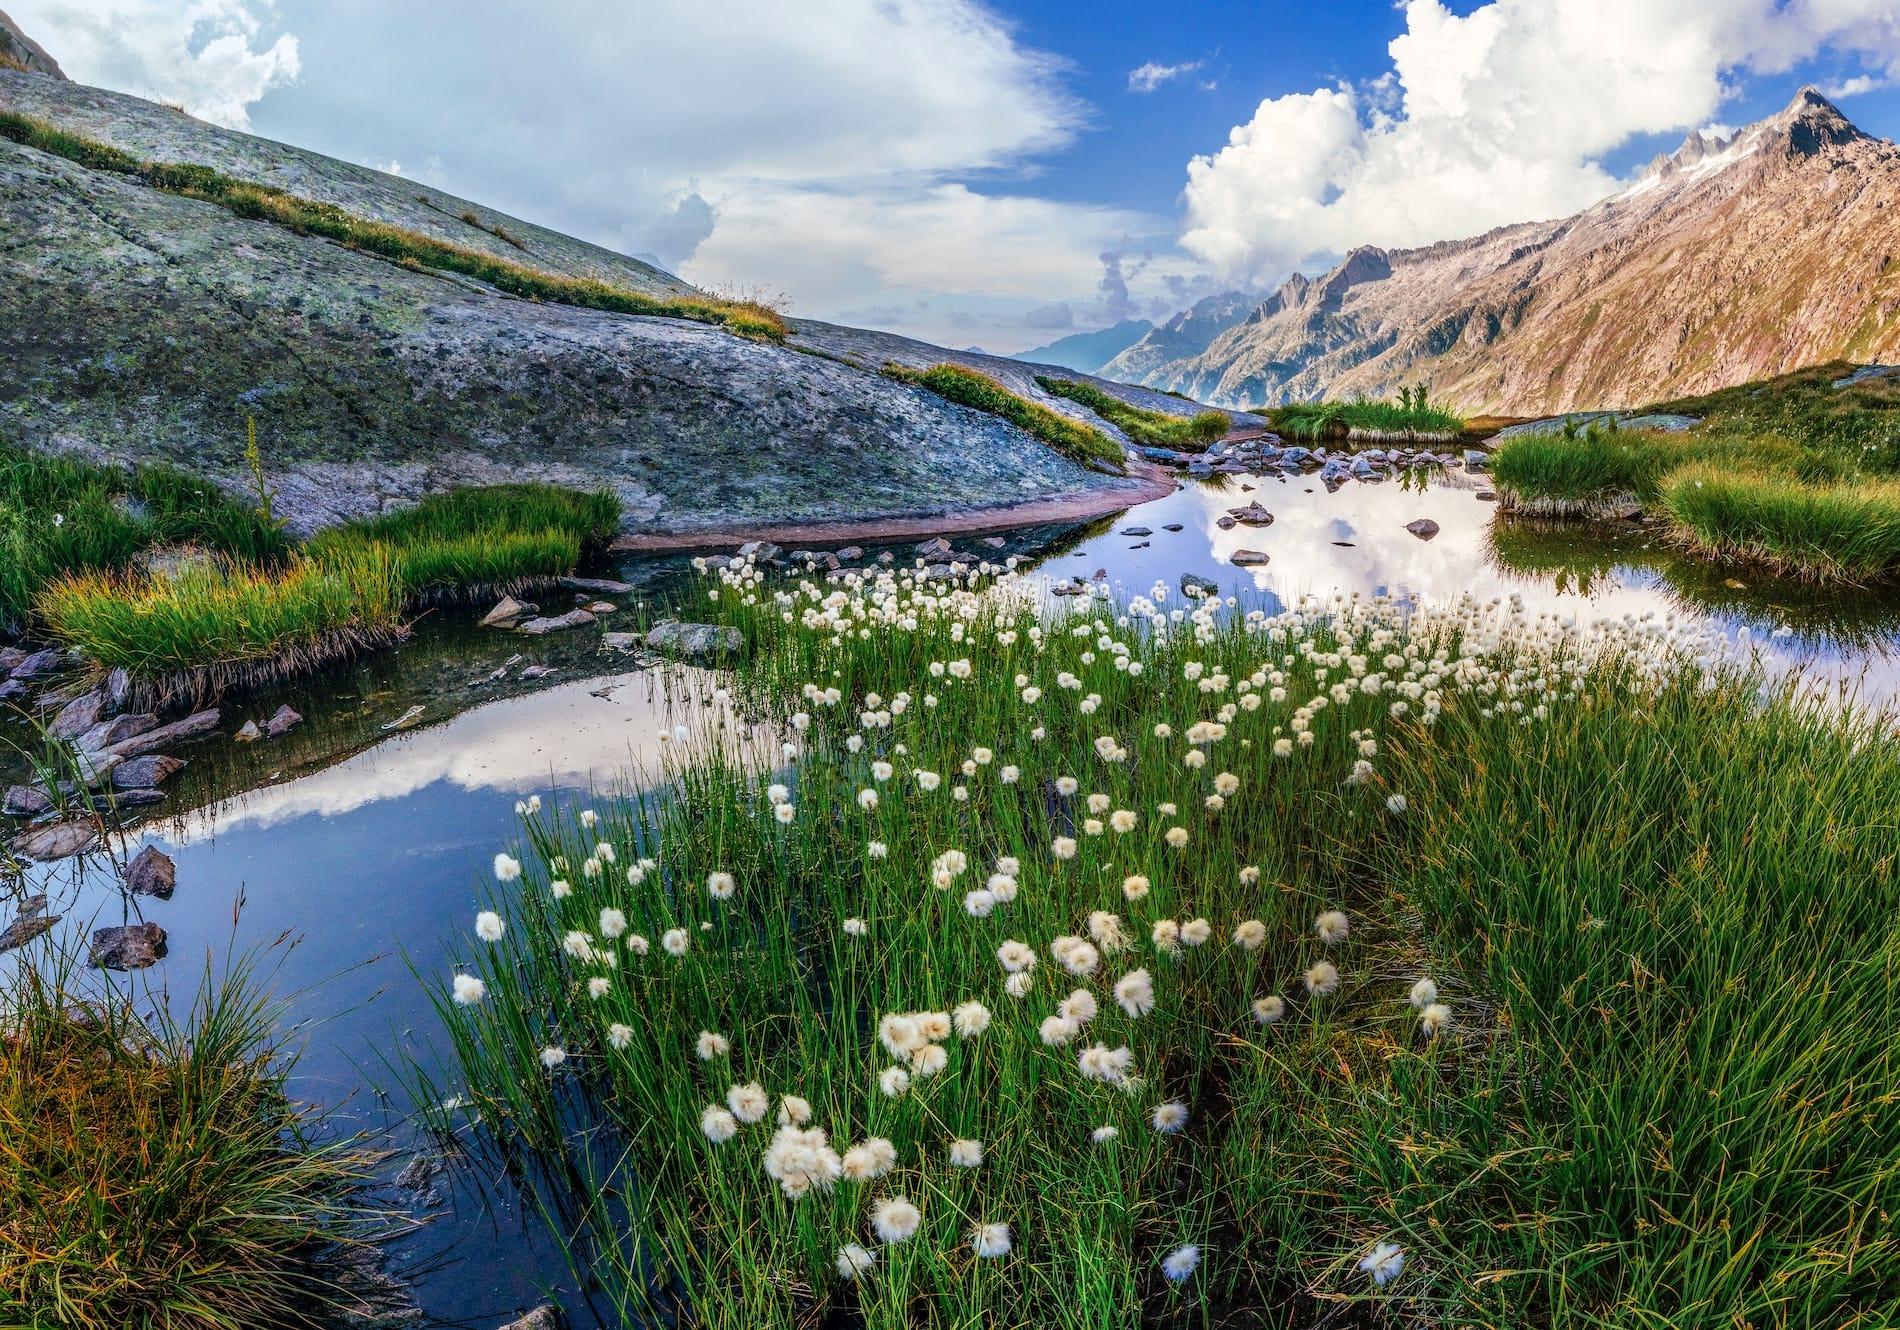 Helvetia: Top 15 Best Hiking and Trekking Tours in Switzerland [Video]